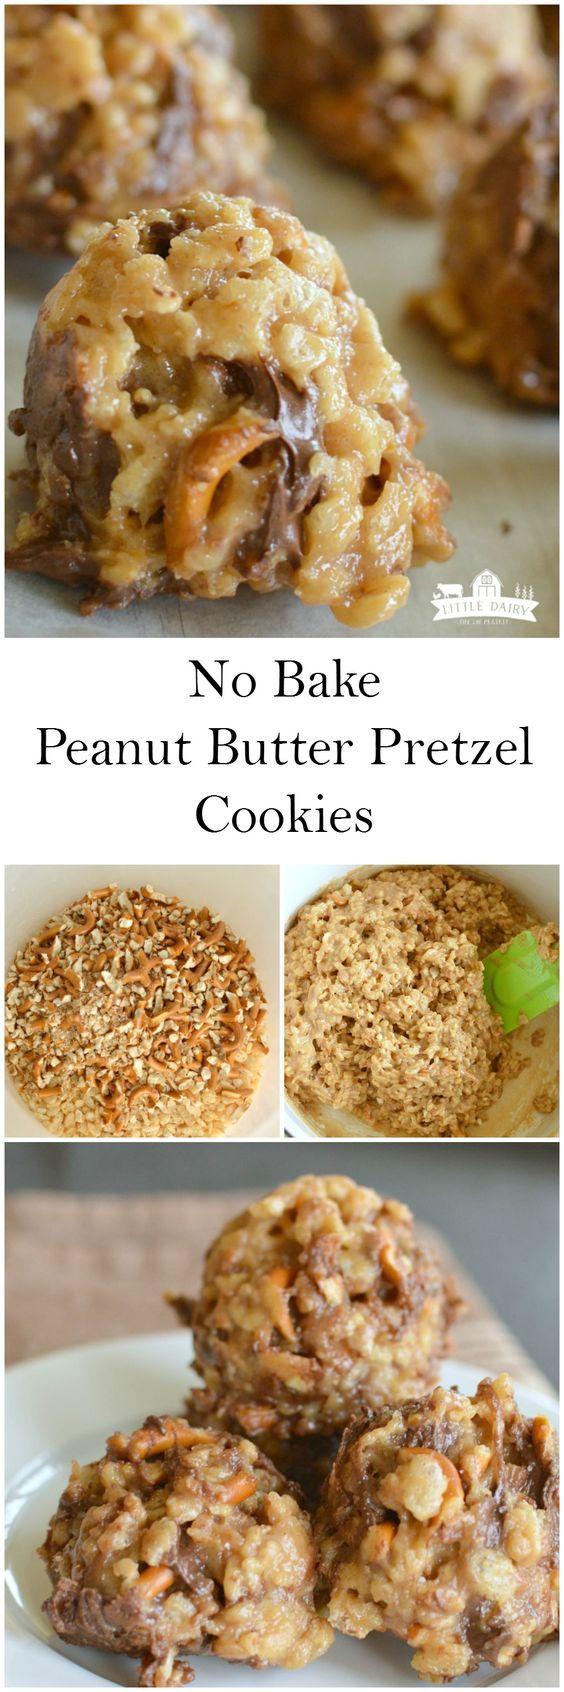 No Bake Peanut Butter Pretzel Cookies | Recipe: